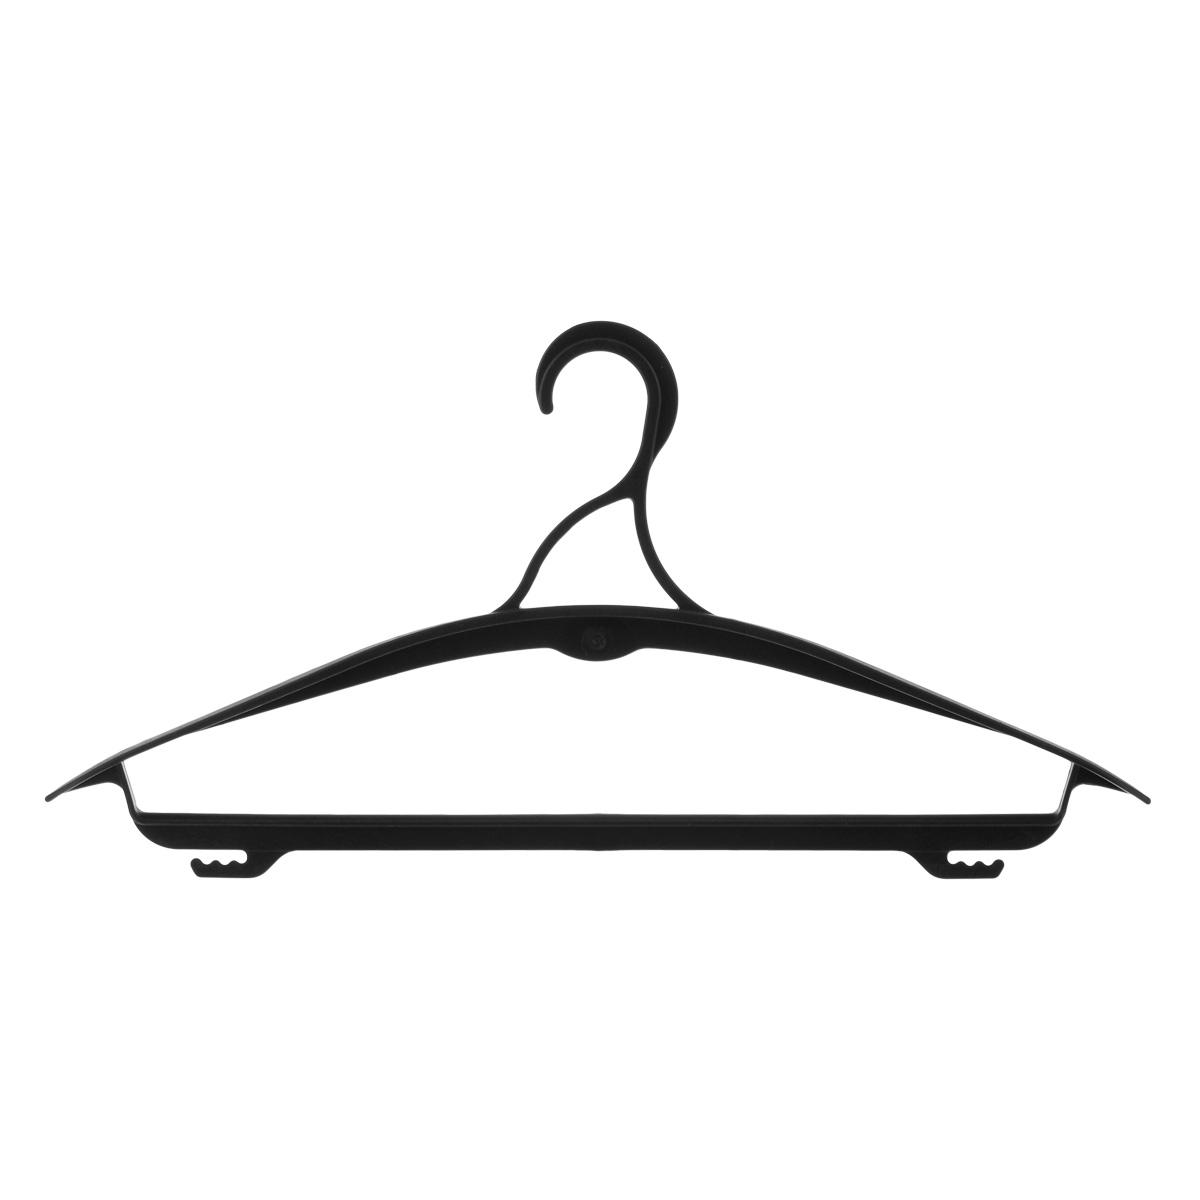 Вешалка для одежды Полимербыт, цвет: черный, размер 48-50. С436С436Вешалка для одежды Полимербыт выполнена из прочного пластика. Изделие оснащено перекладиной и боковыми крючками. Вешалка - это незаменимая вещь для того, чтобы ваша одежда всегда оставалась в хорошем состоянии. Размер элемента: 42,5 см х 21 см х 3,5 см. Размер одежды: 48-50.